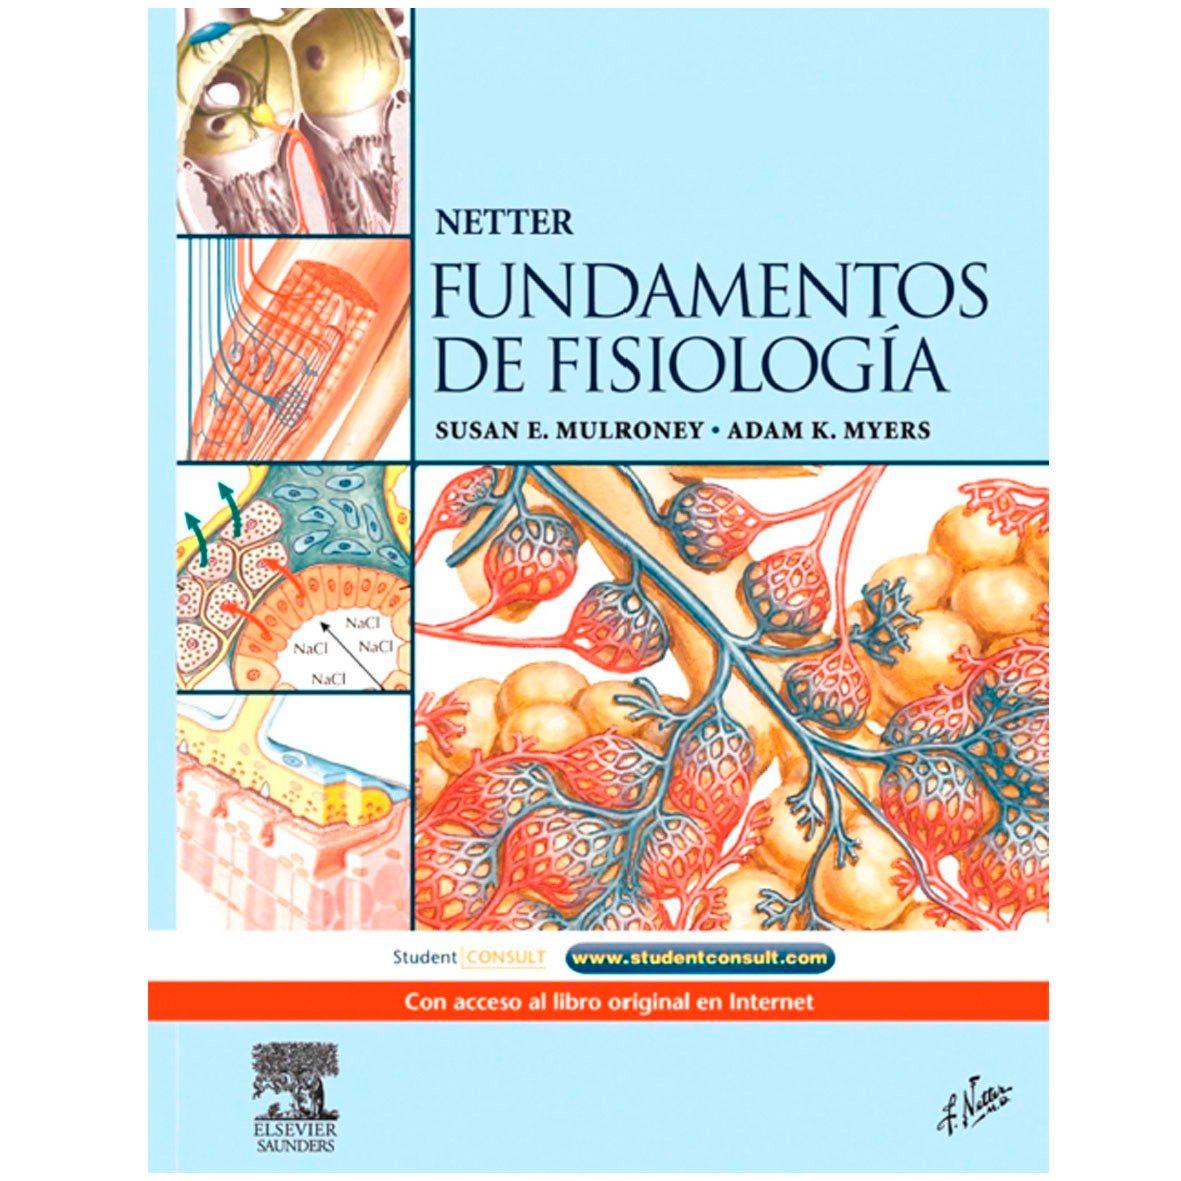 Lujoso Anatomía Y La Fisiología De Martini De Libros Electrónicos ...